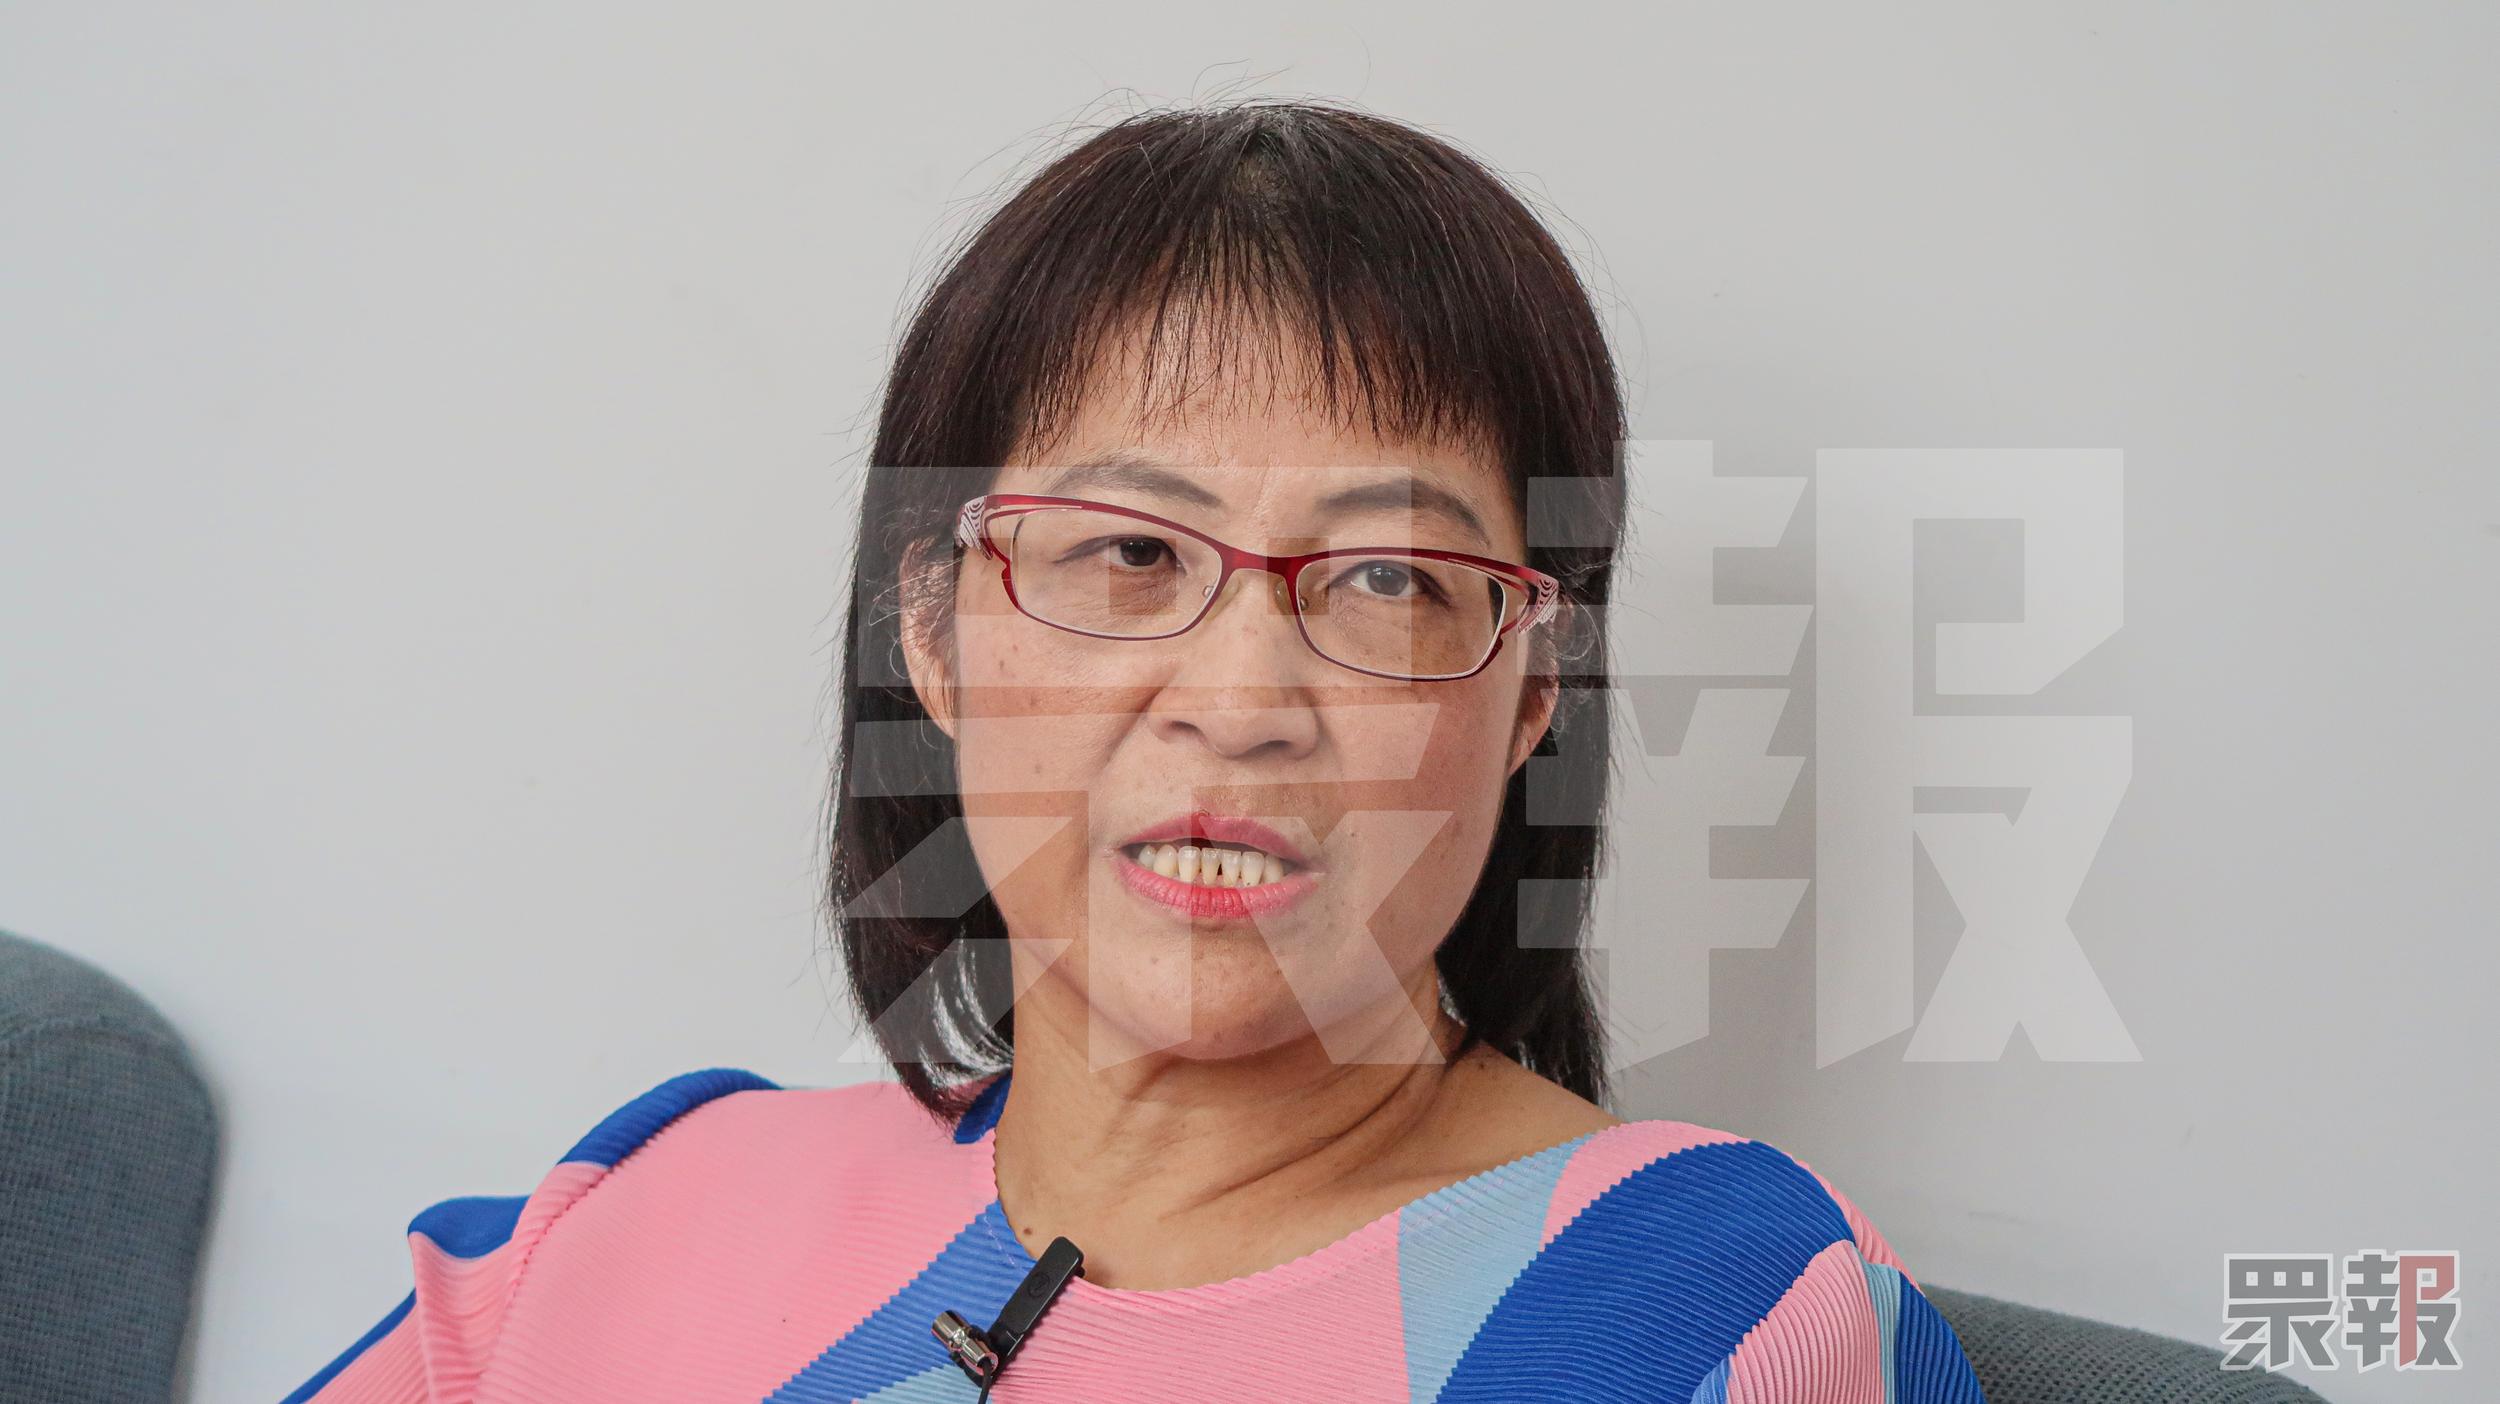 輔大教授潘小慧贊成禁止師生戀。攝:生活中心/眾報